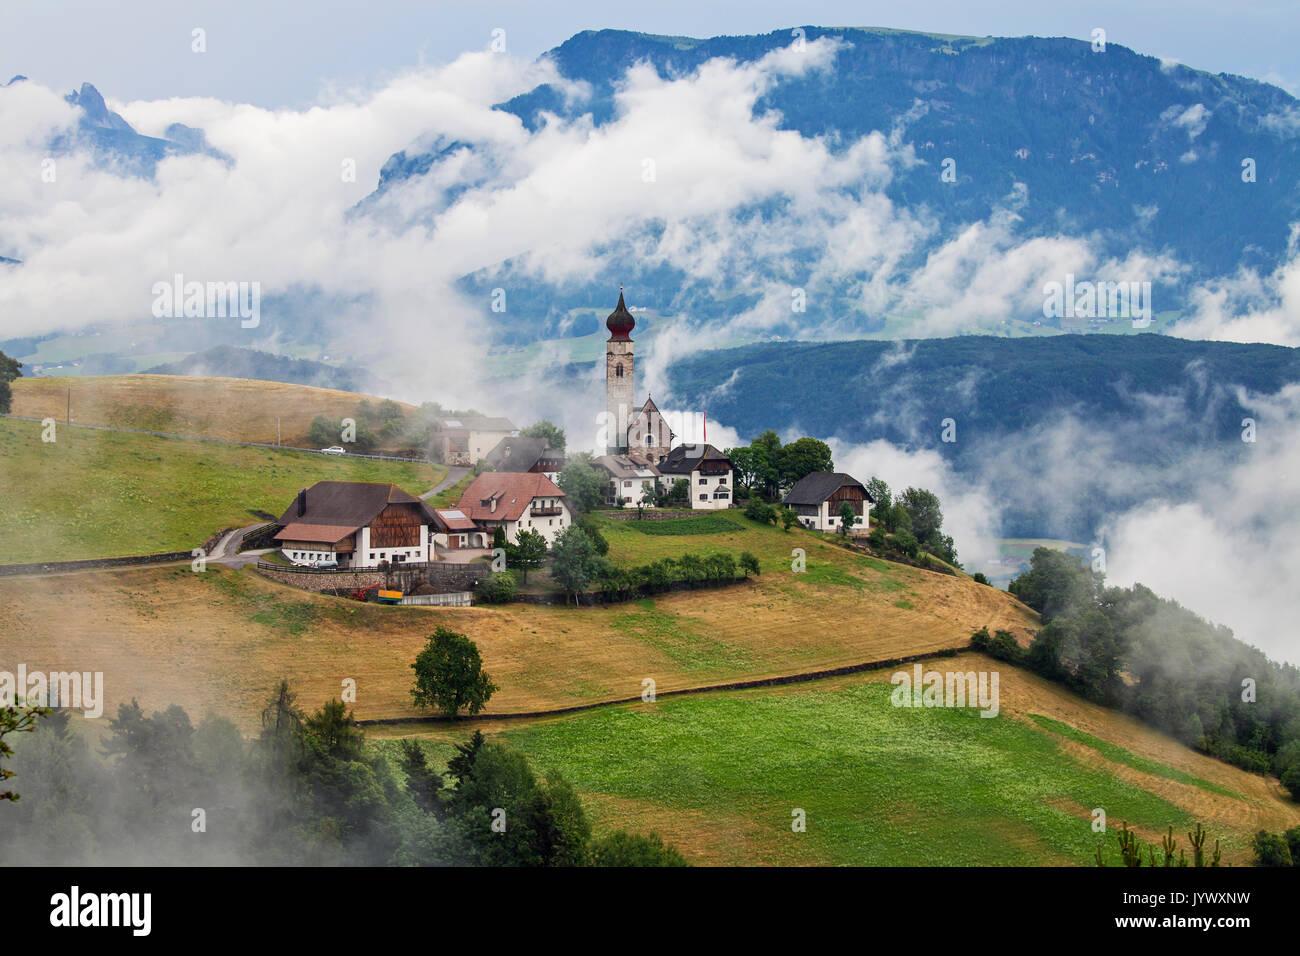 MONTE DI MEZZO, Italien - 25. JUNI 2017: Dorf Monte di Mezzo mit St. Nikolaus Kirche; in den Dolomiten, in der Nähe der Erdpyramiden von Ritten Stockbild